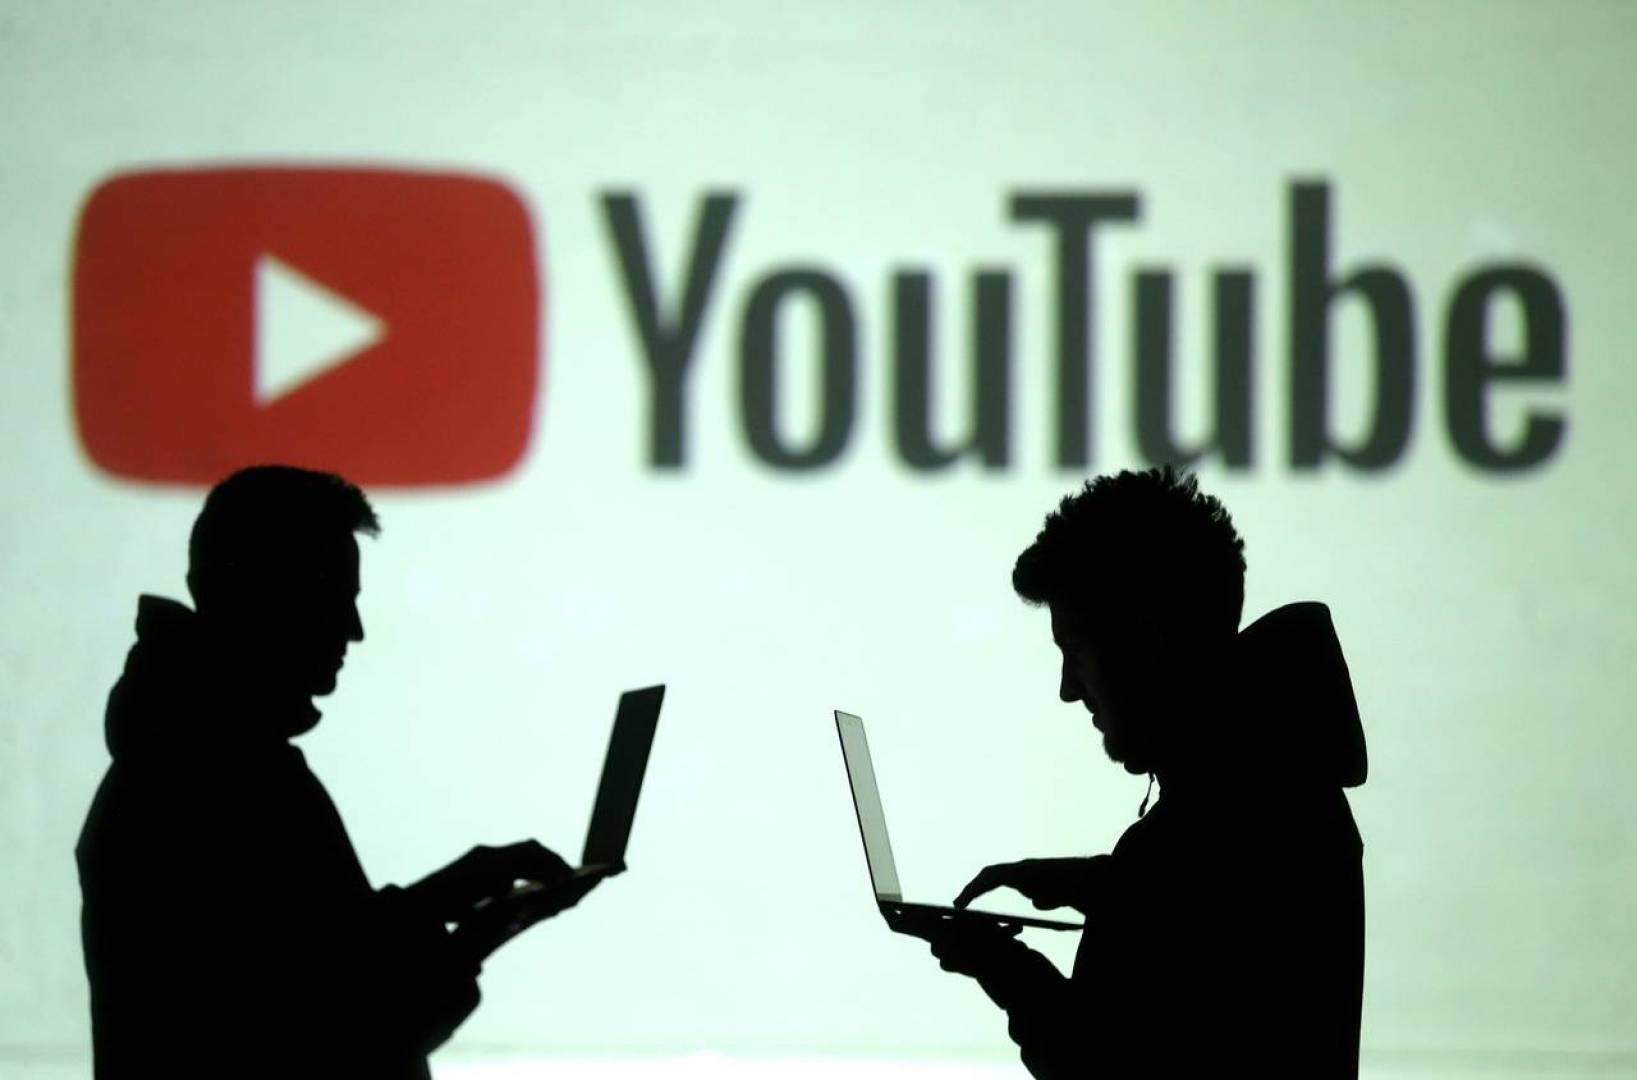 ٢٠٢١٠٢٢٥ ١٧٣٢٢٩ - #يوتيوب ستطلق حسابات للمراهقين مع إشراف من الأهل.   #العبدلي_نيوز